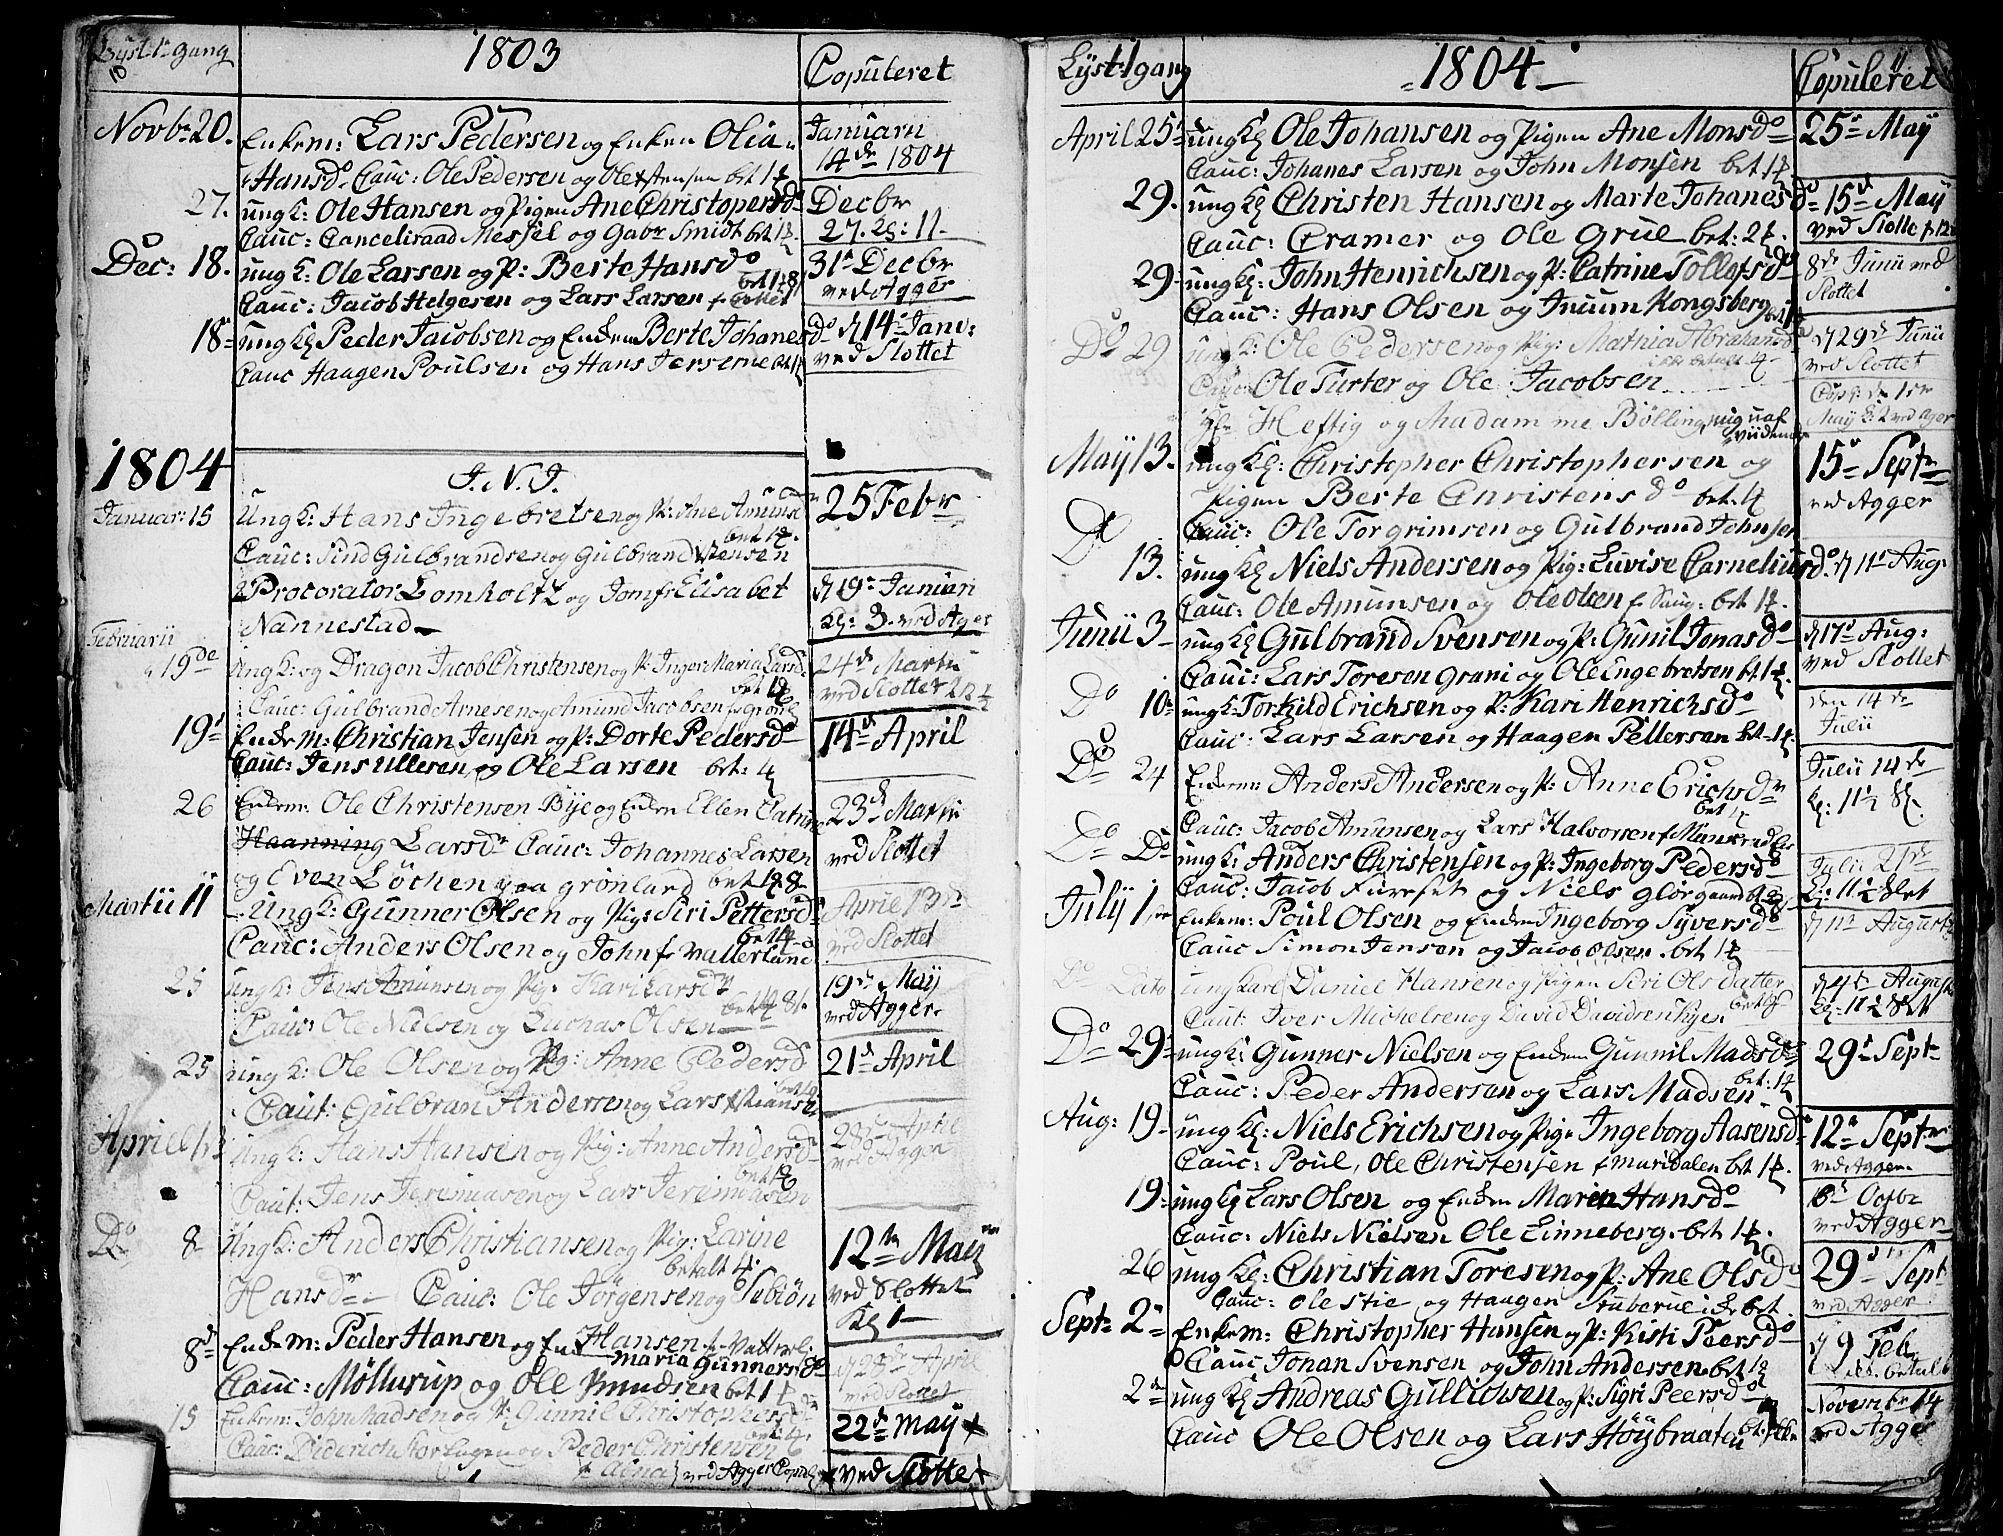 SAO, Aker prestekontor kirkebøker, G/L0001: Klokkerbok nr. 1, 1796-1826, s. 10-11